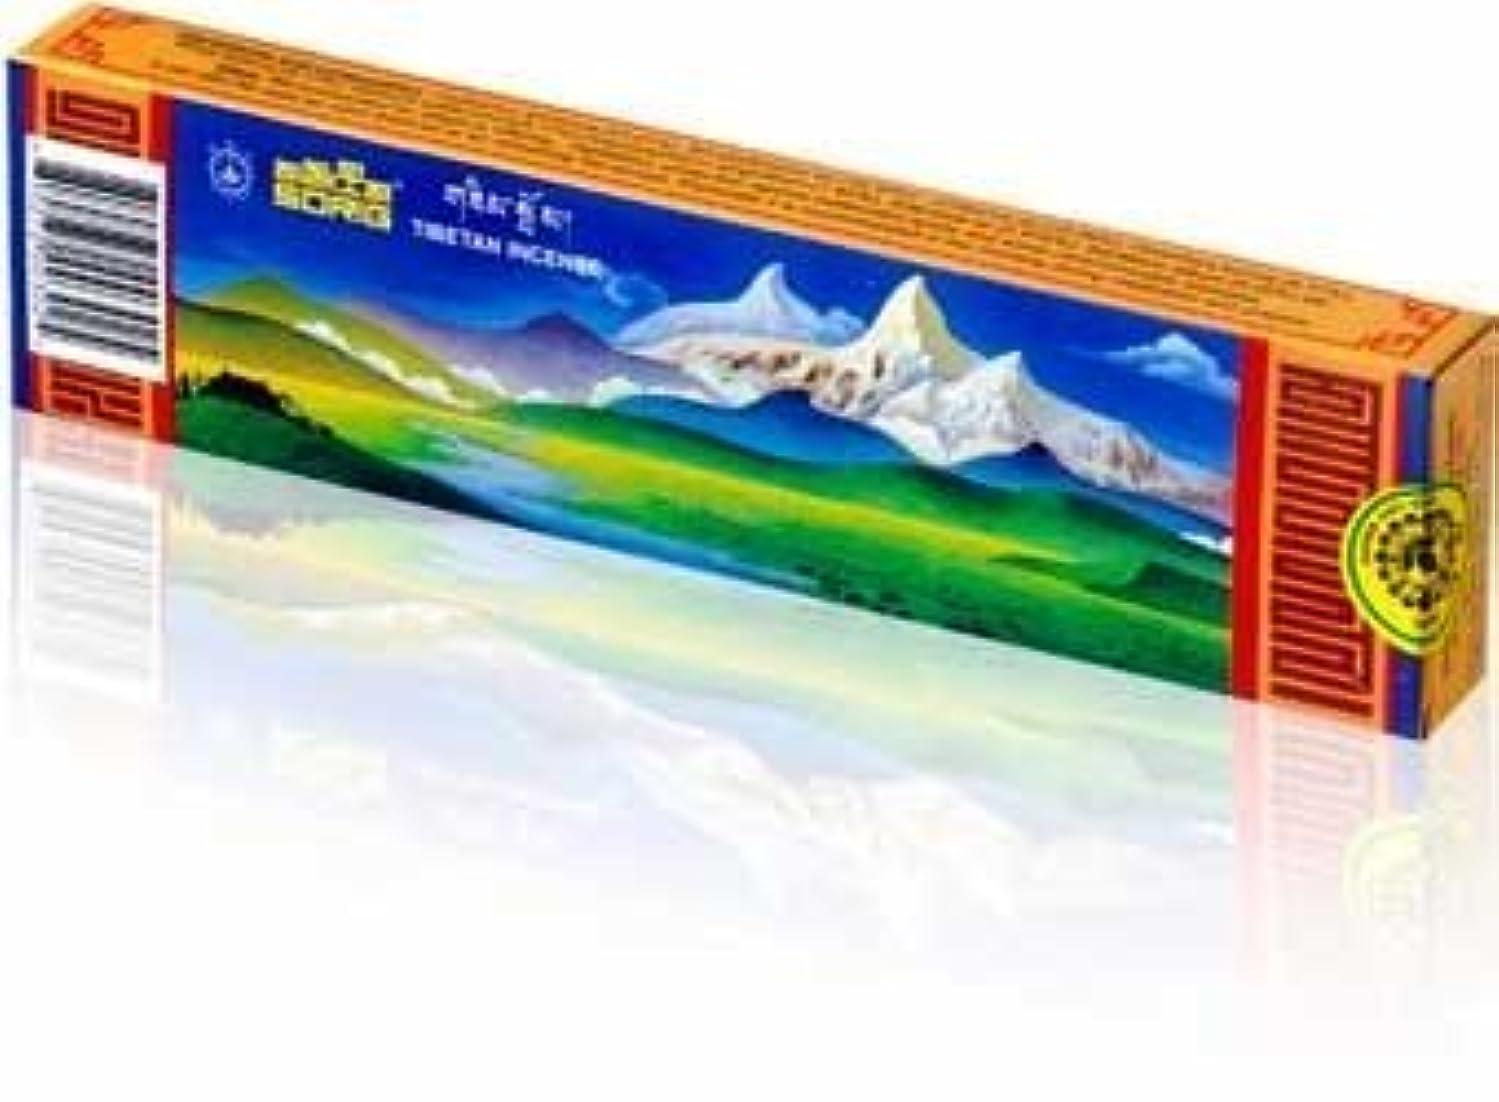 順応性のある市の花いまSorig Natural Handmade Tibetan Incense Sticks by Men-Tsee-Khang- 20/40/60 Count (40) by Men-Tsee-Khang [並行輸入品]